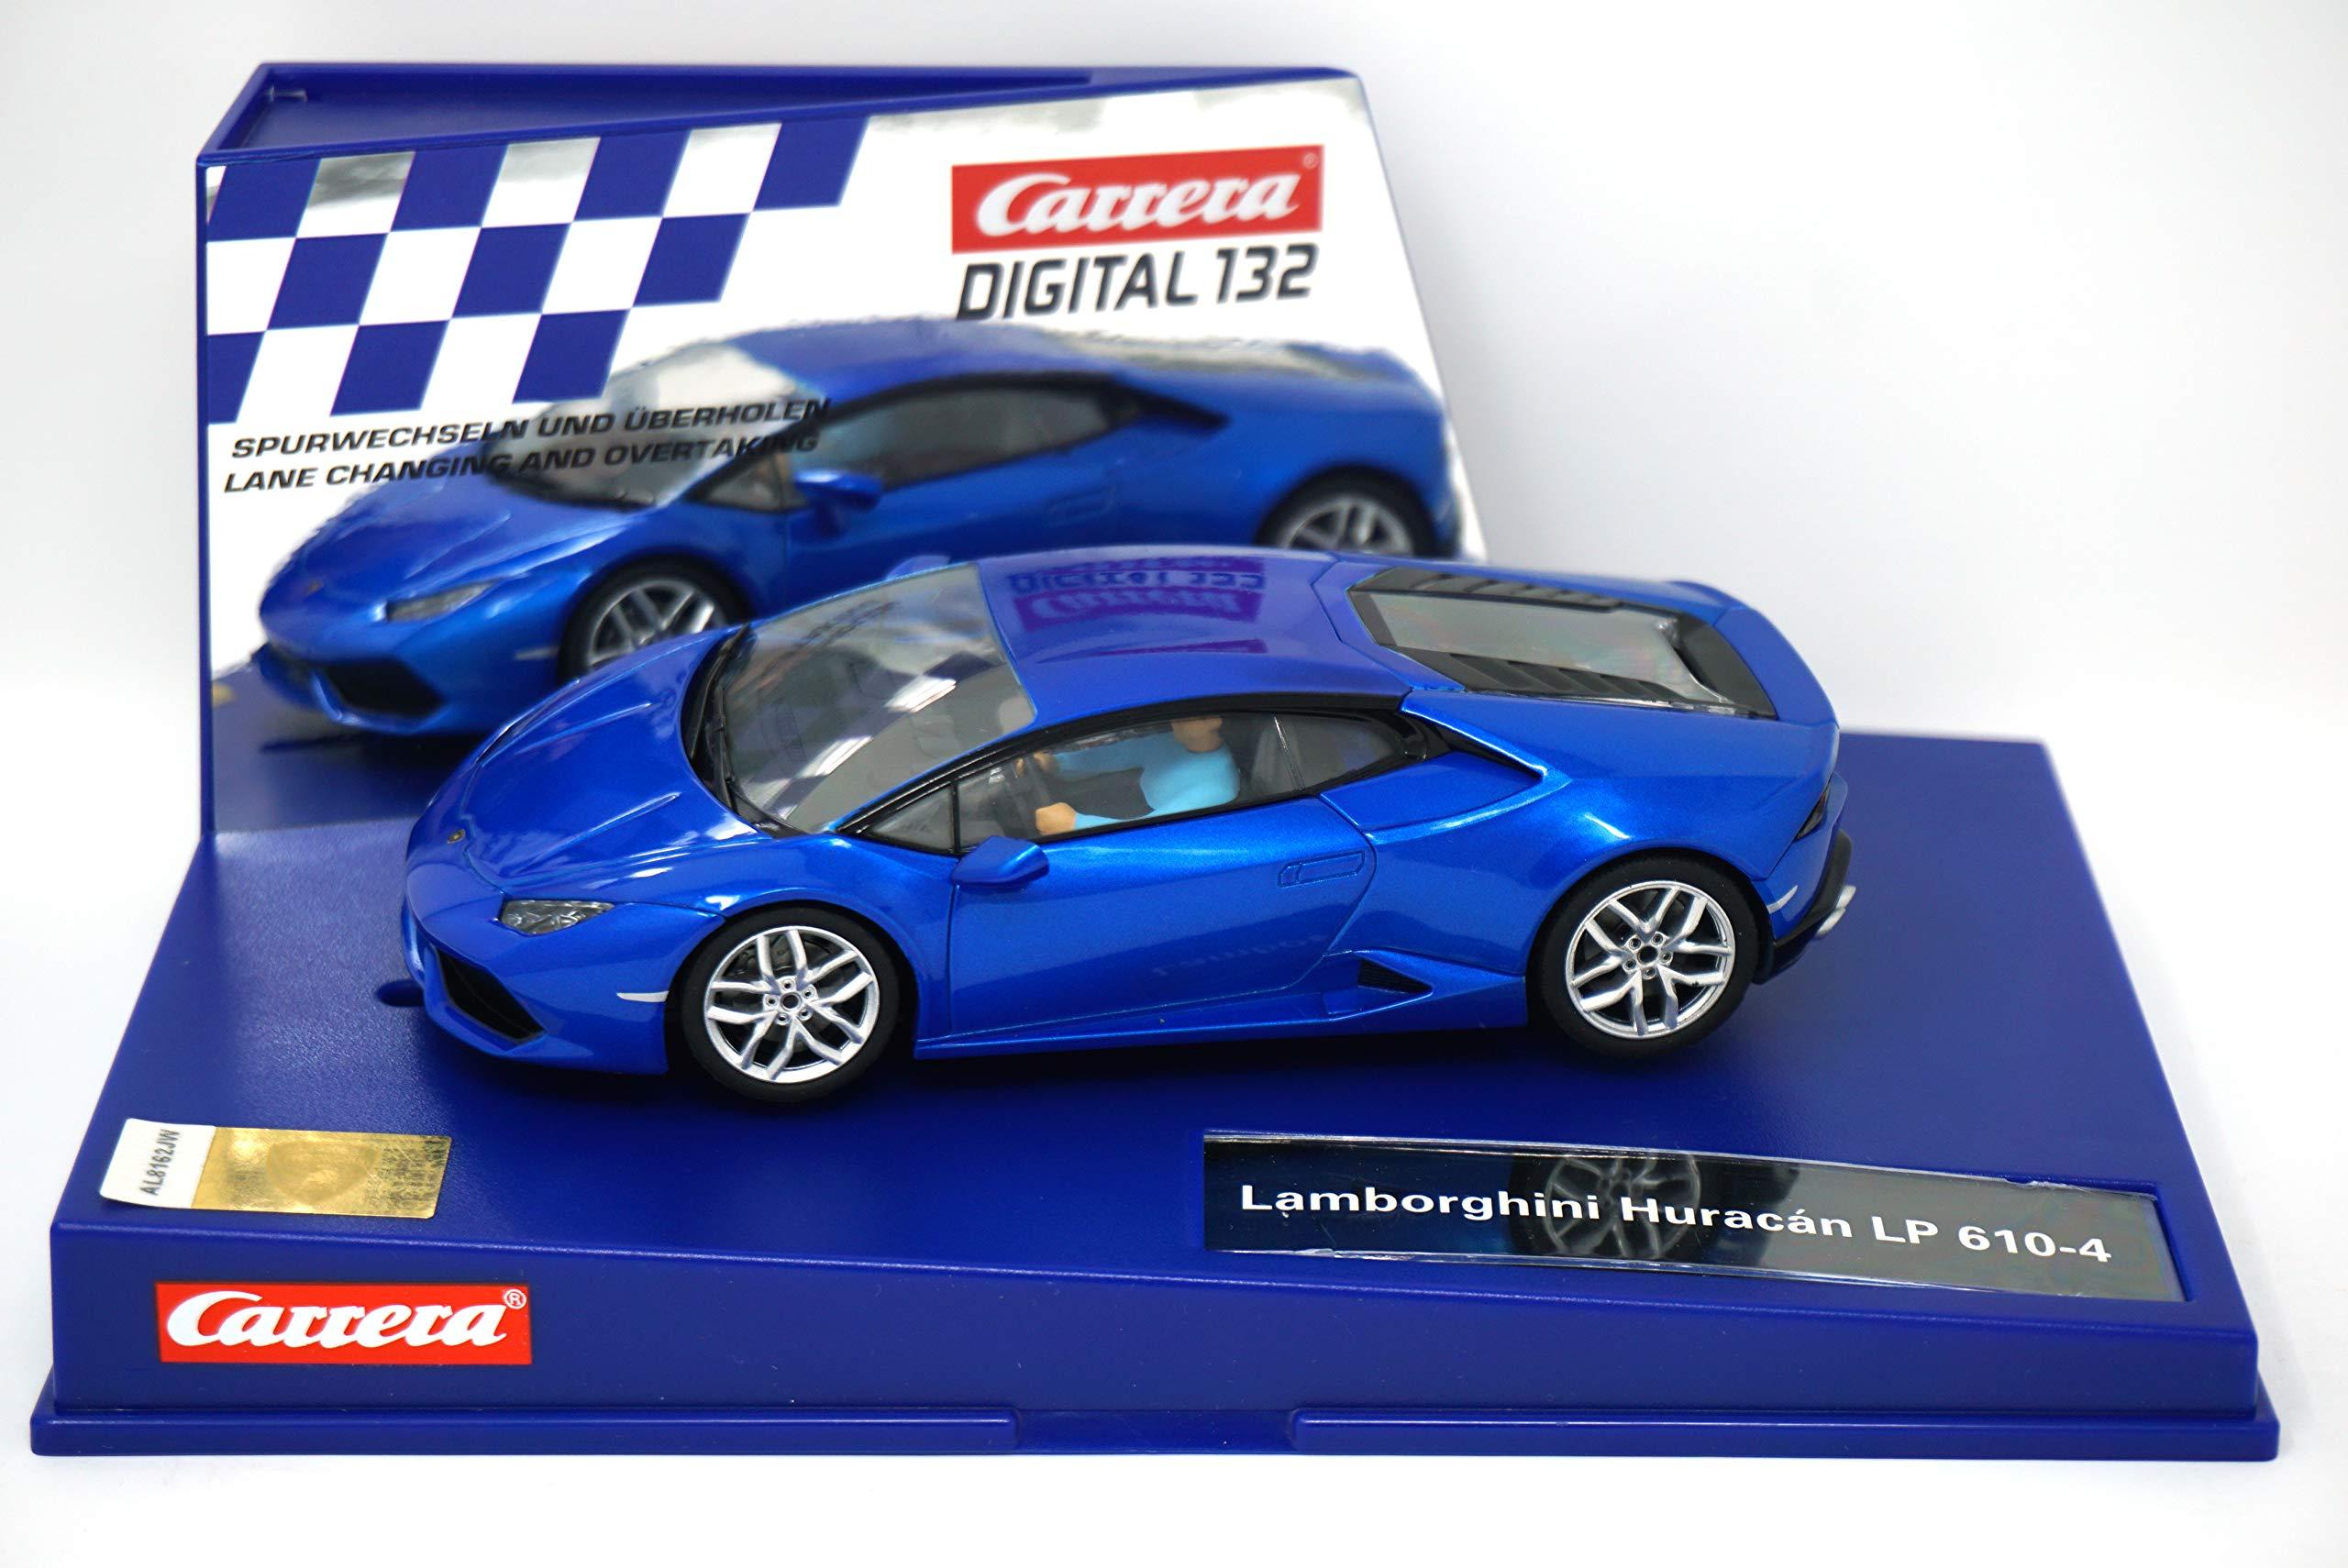 Carrera Digital 132 30747 Lamborghini Huracán LP 610-4 (blue)